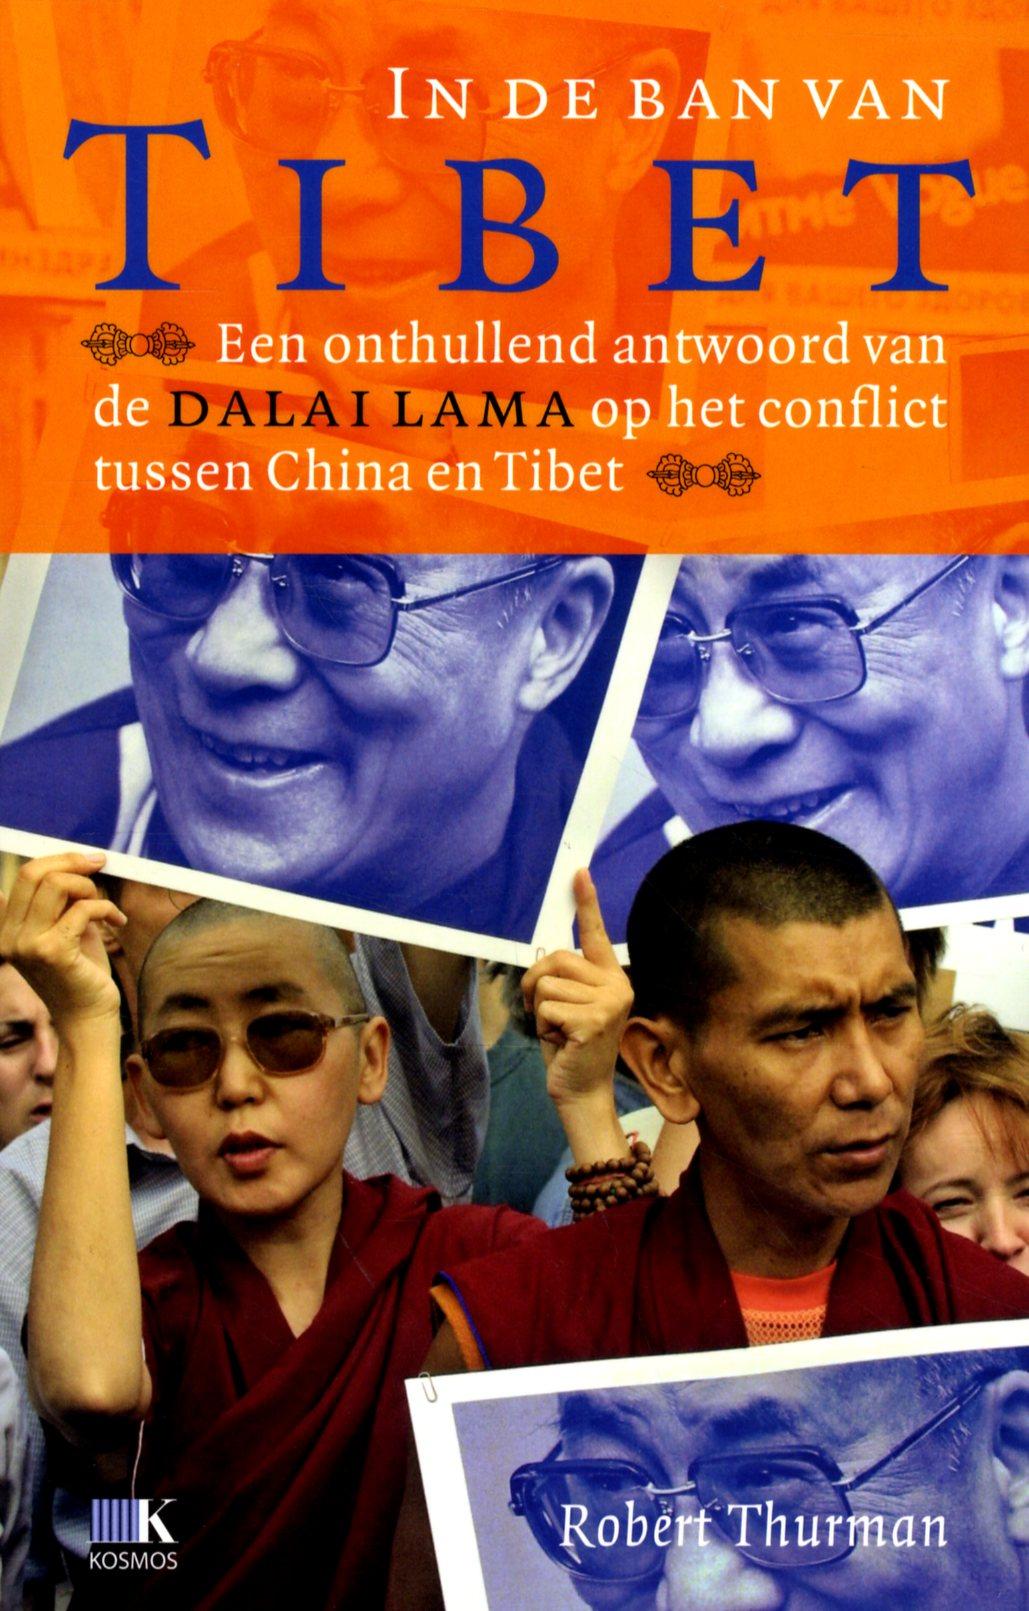 In de ban van Tibet